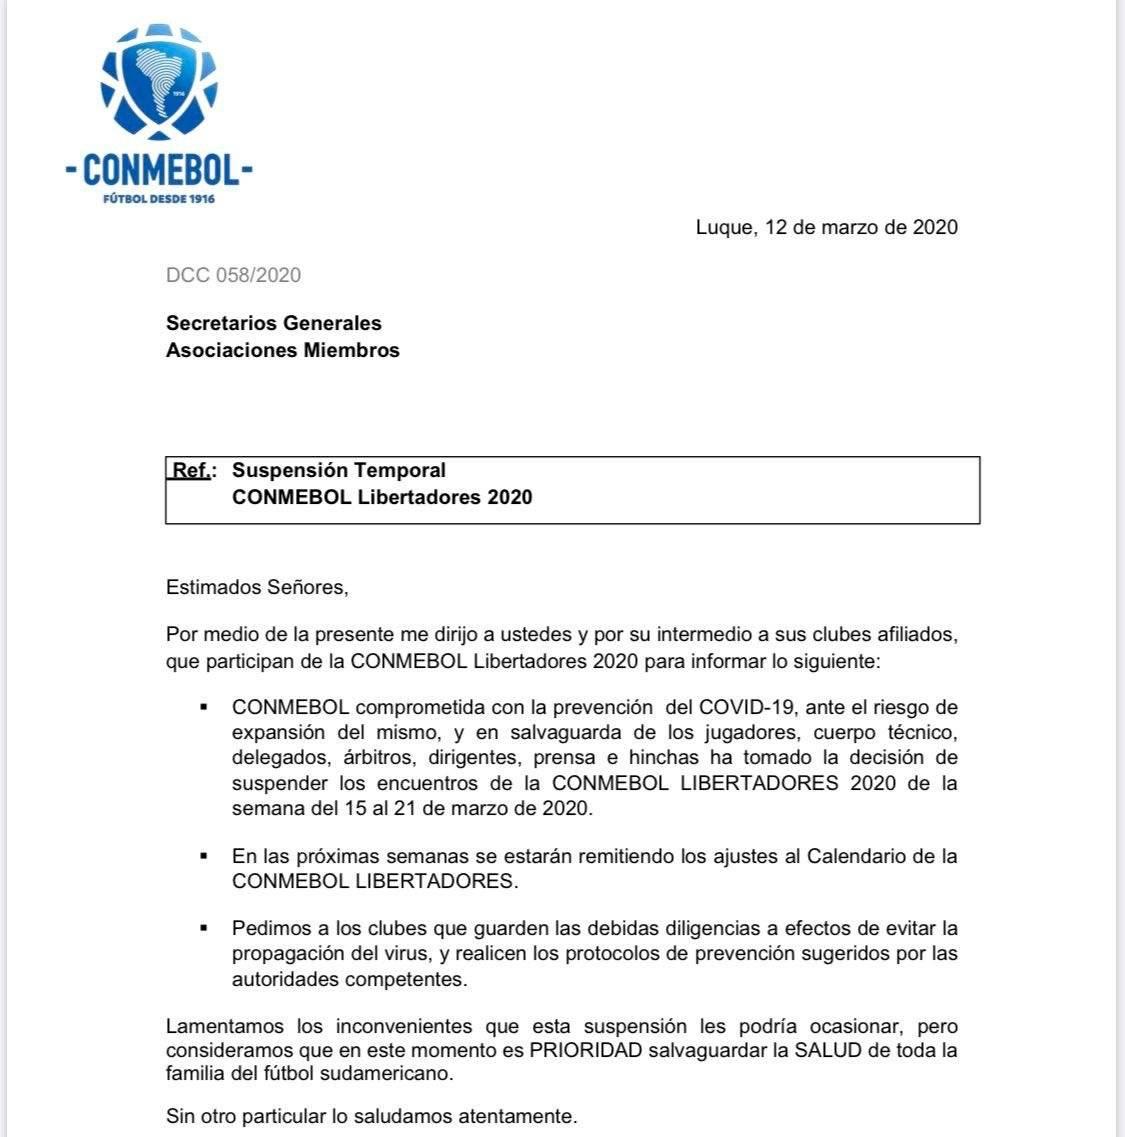 Conmebol suspende Libertadores